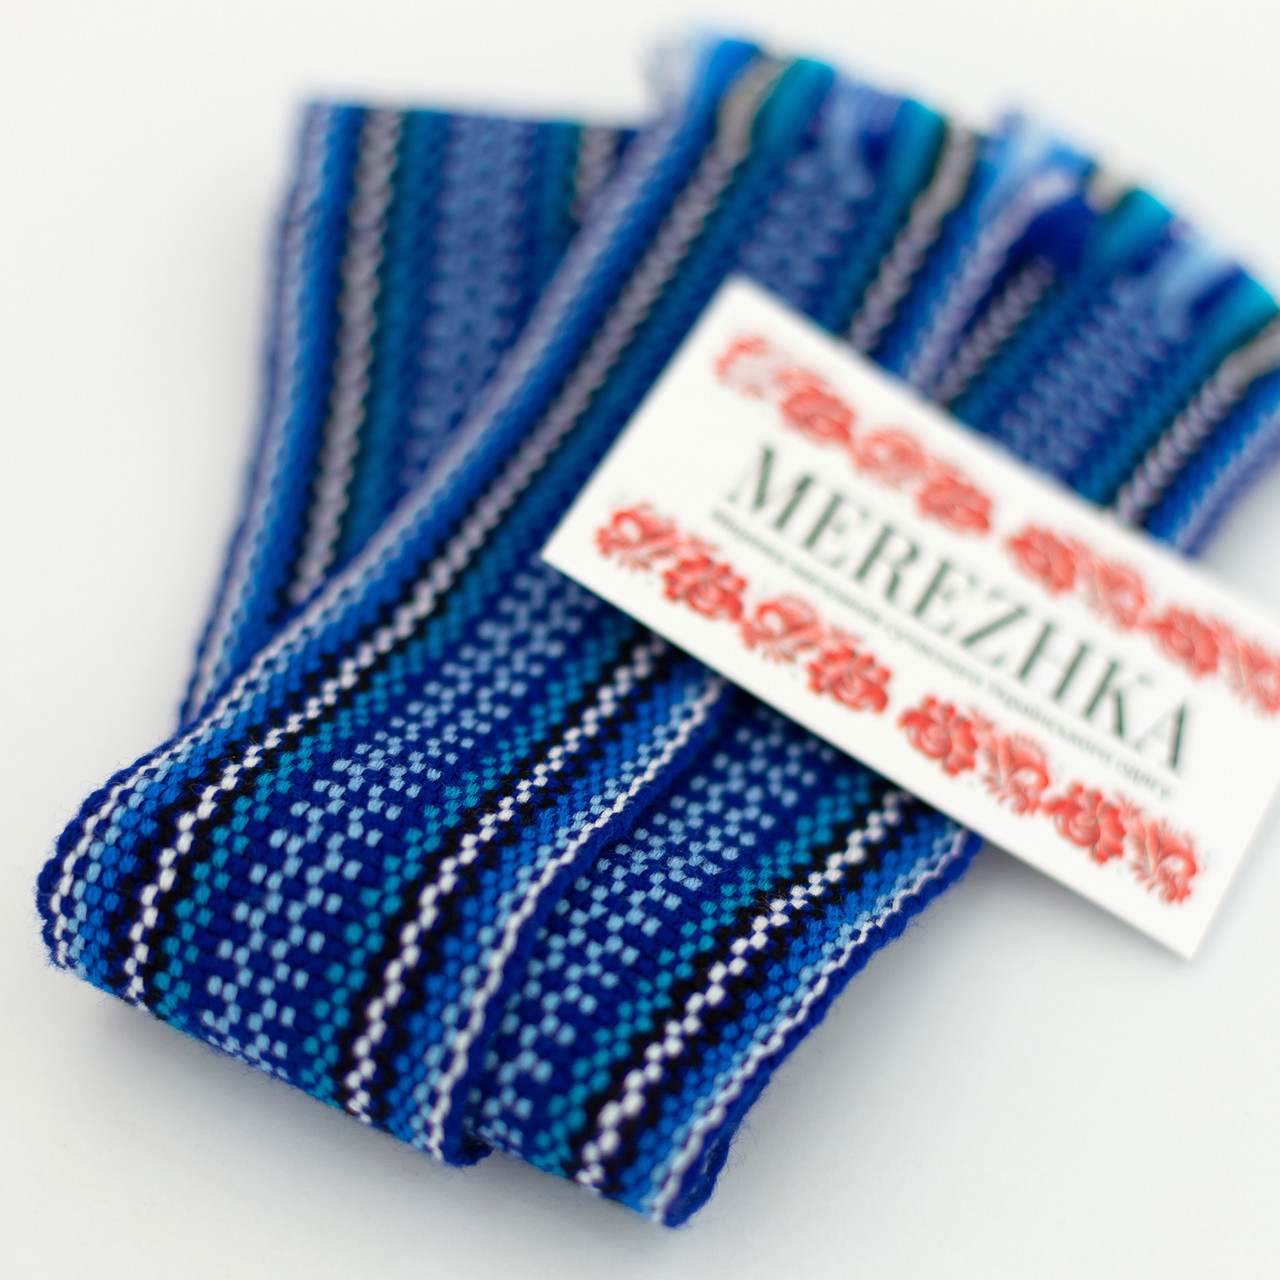 Крайки пояса для вышиванок синие